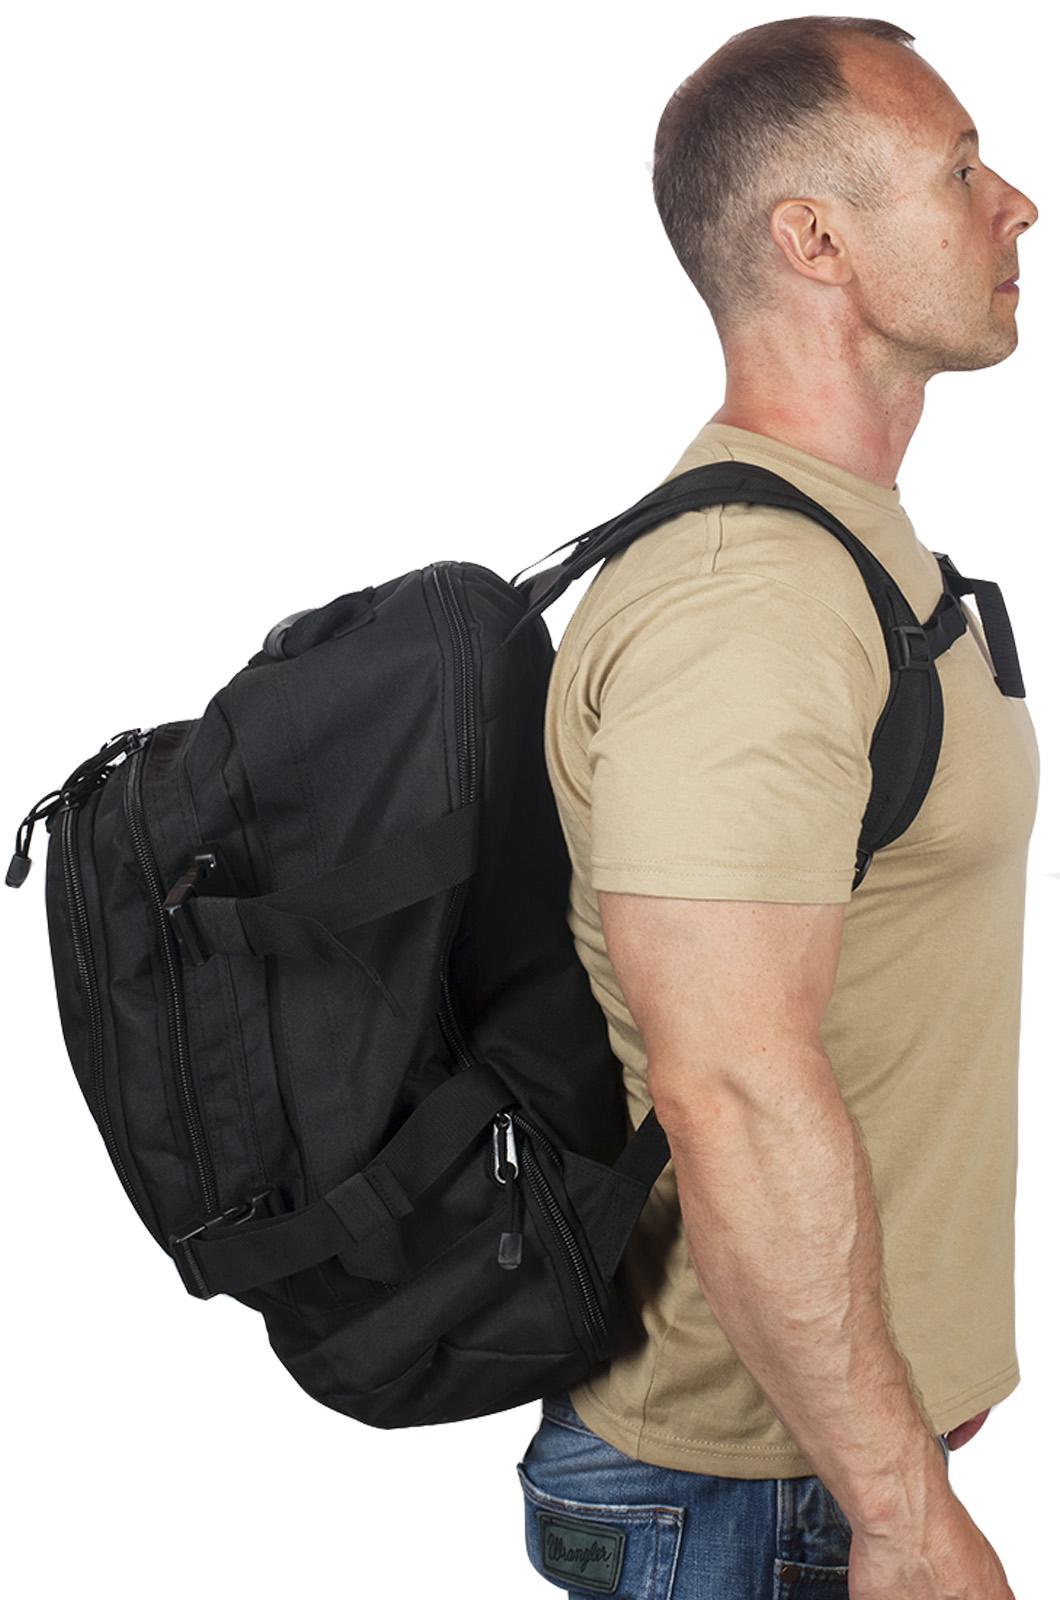 Черный универсальный рюкзак с нашивкой МВД - купить в розницу